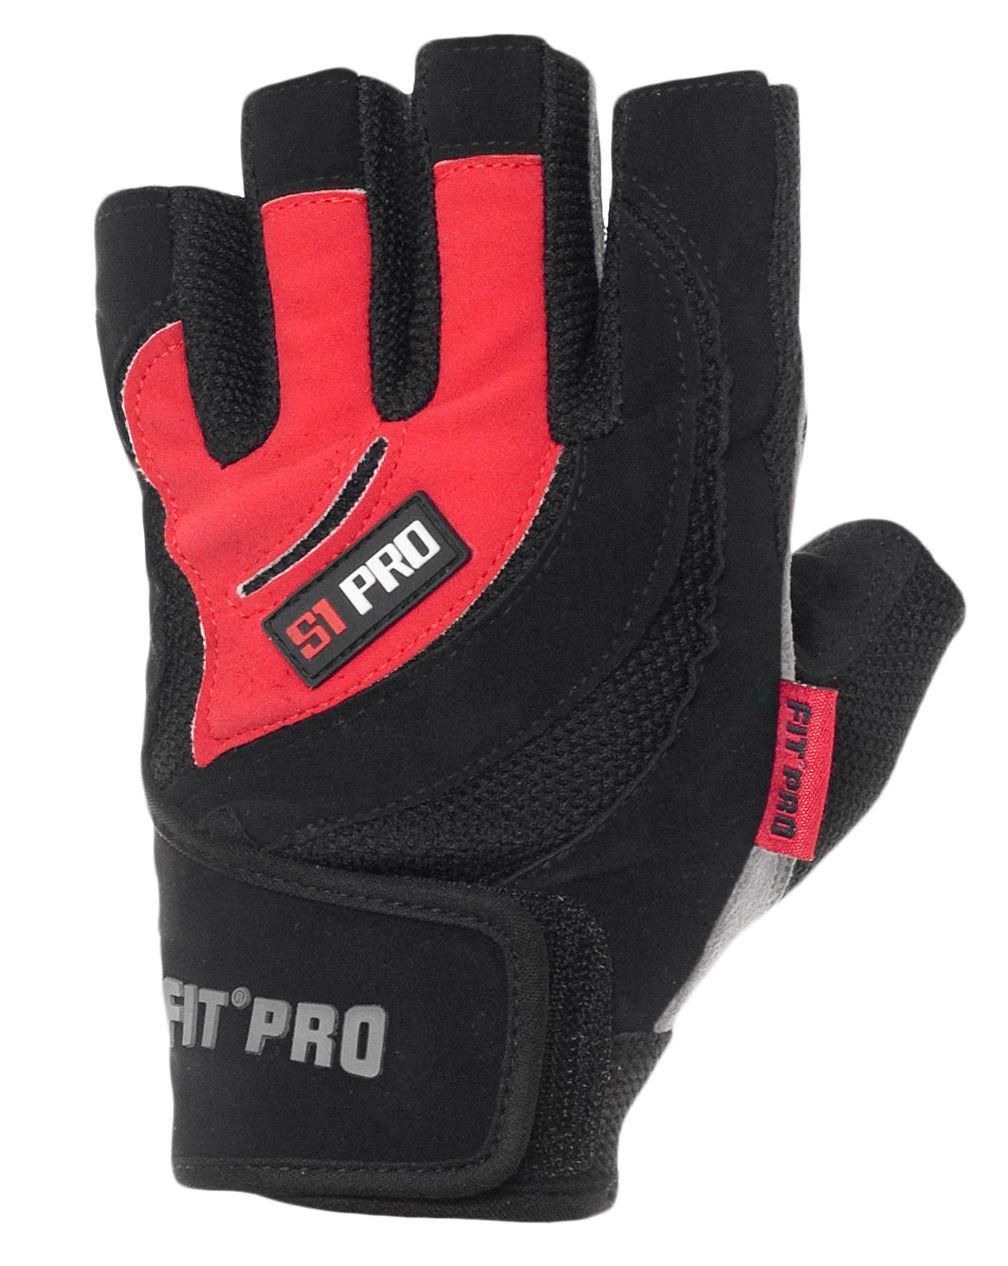 Перчатки для кроссфита Power System FP-04 S2 Pro S, Красный фото видео изображение